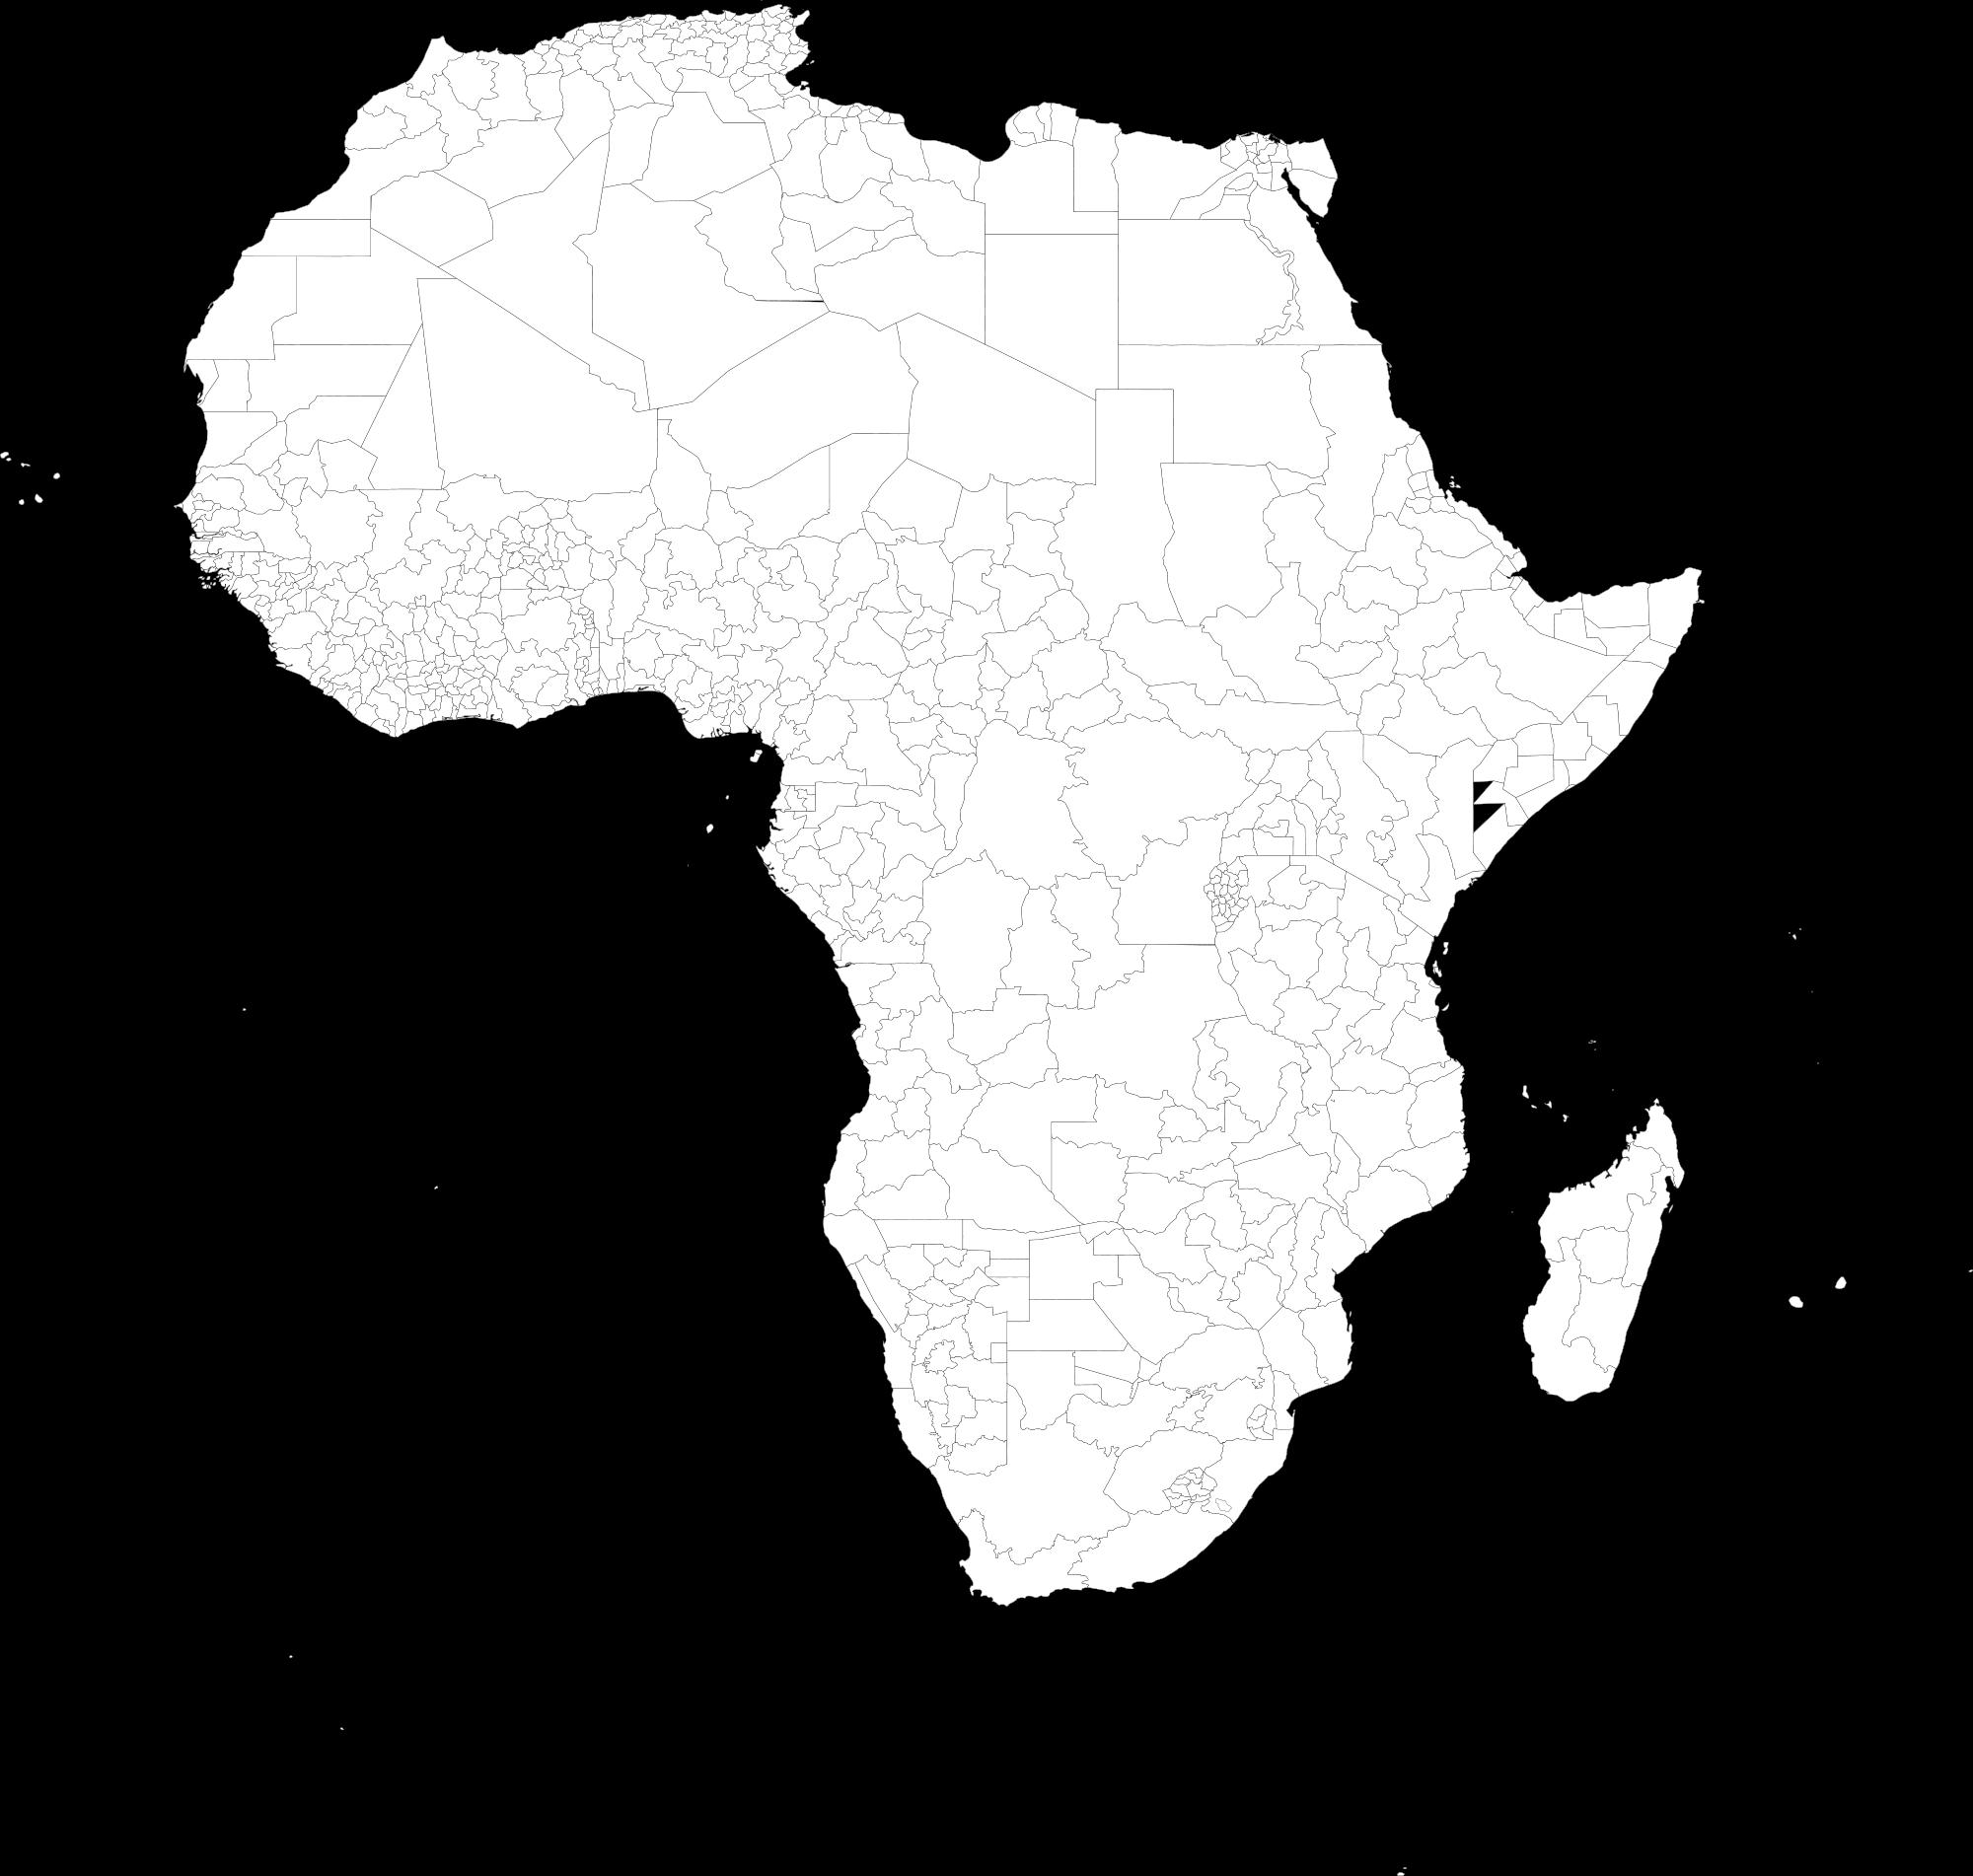 Mapa político con divisiones de 1º nivel 1998